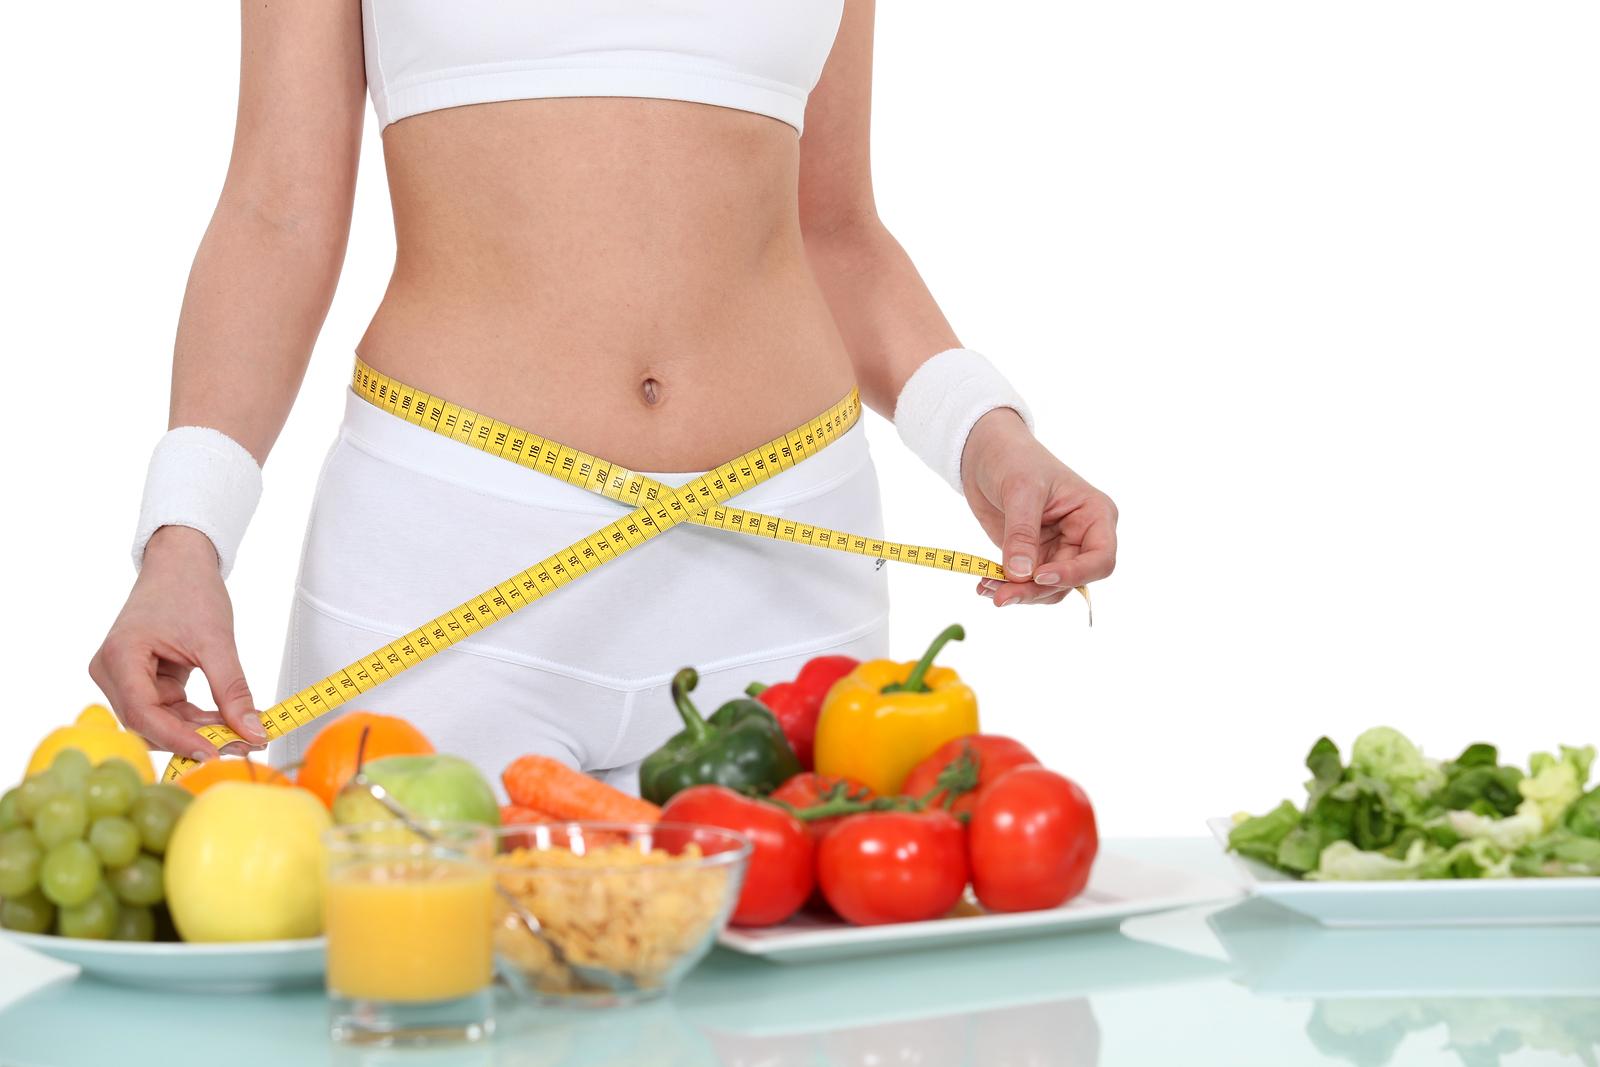 dieta redukcyjna przykładowa dieta